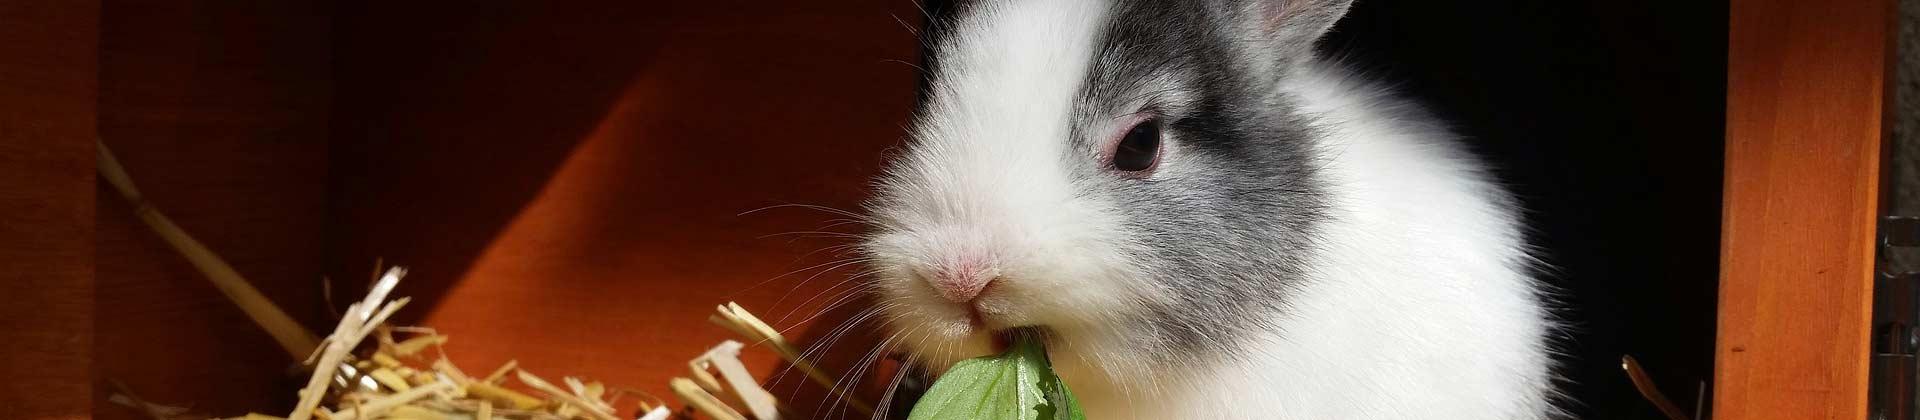 Kleintierstall für Hasen und Kaninchen